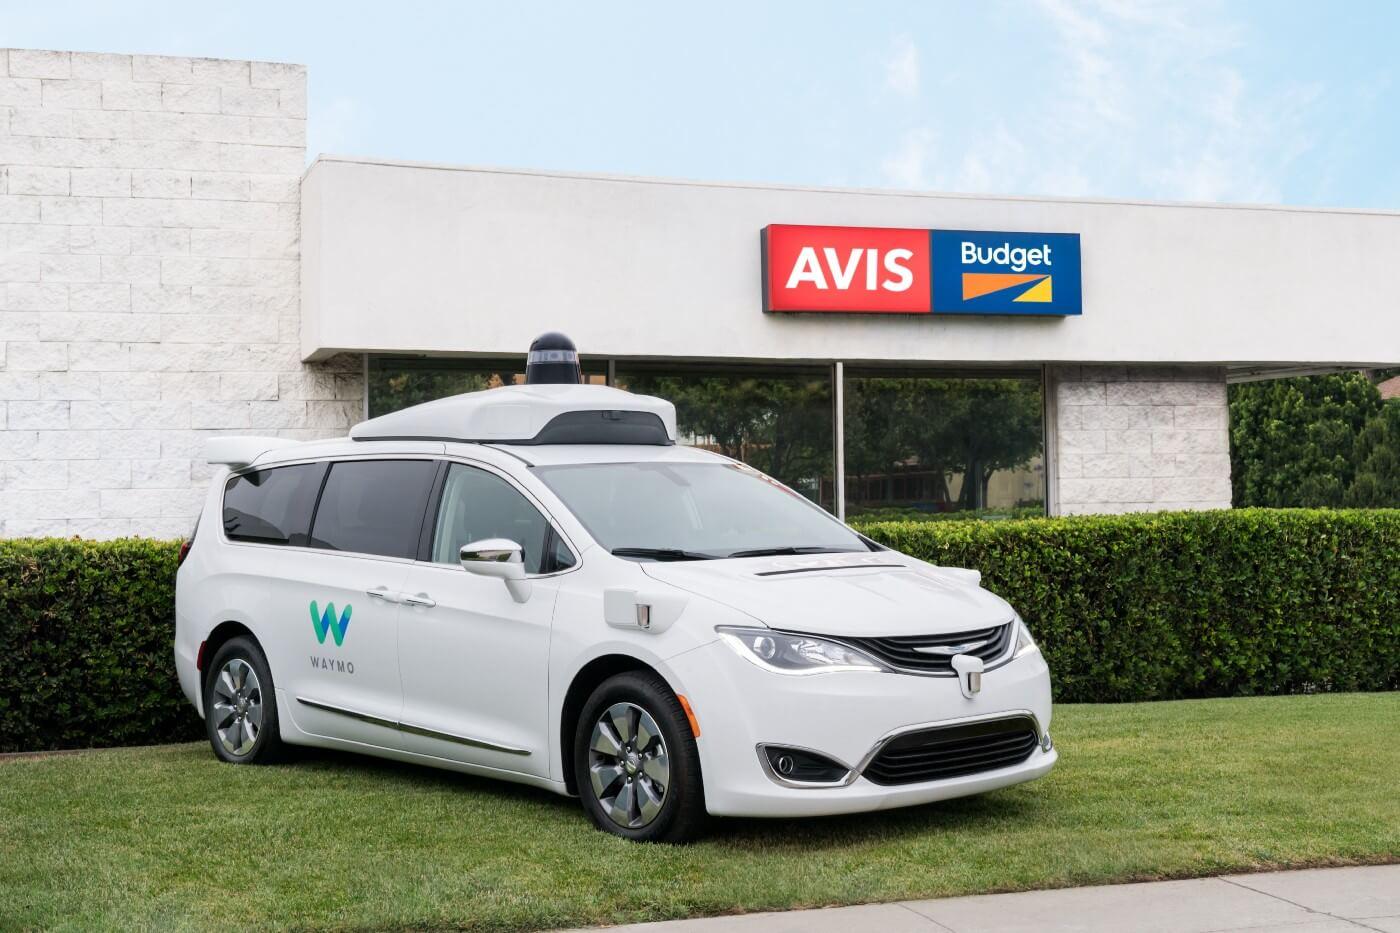 Прокатная компания Avis и Chrysler Pacifica с автономным управлением отWaymo